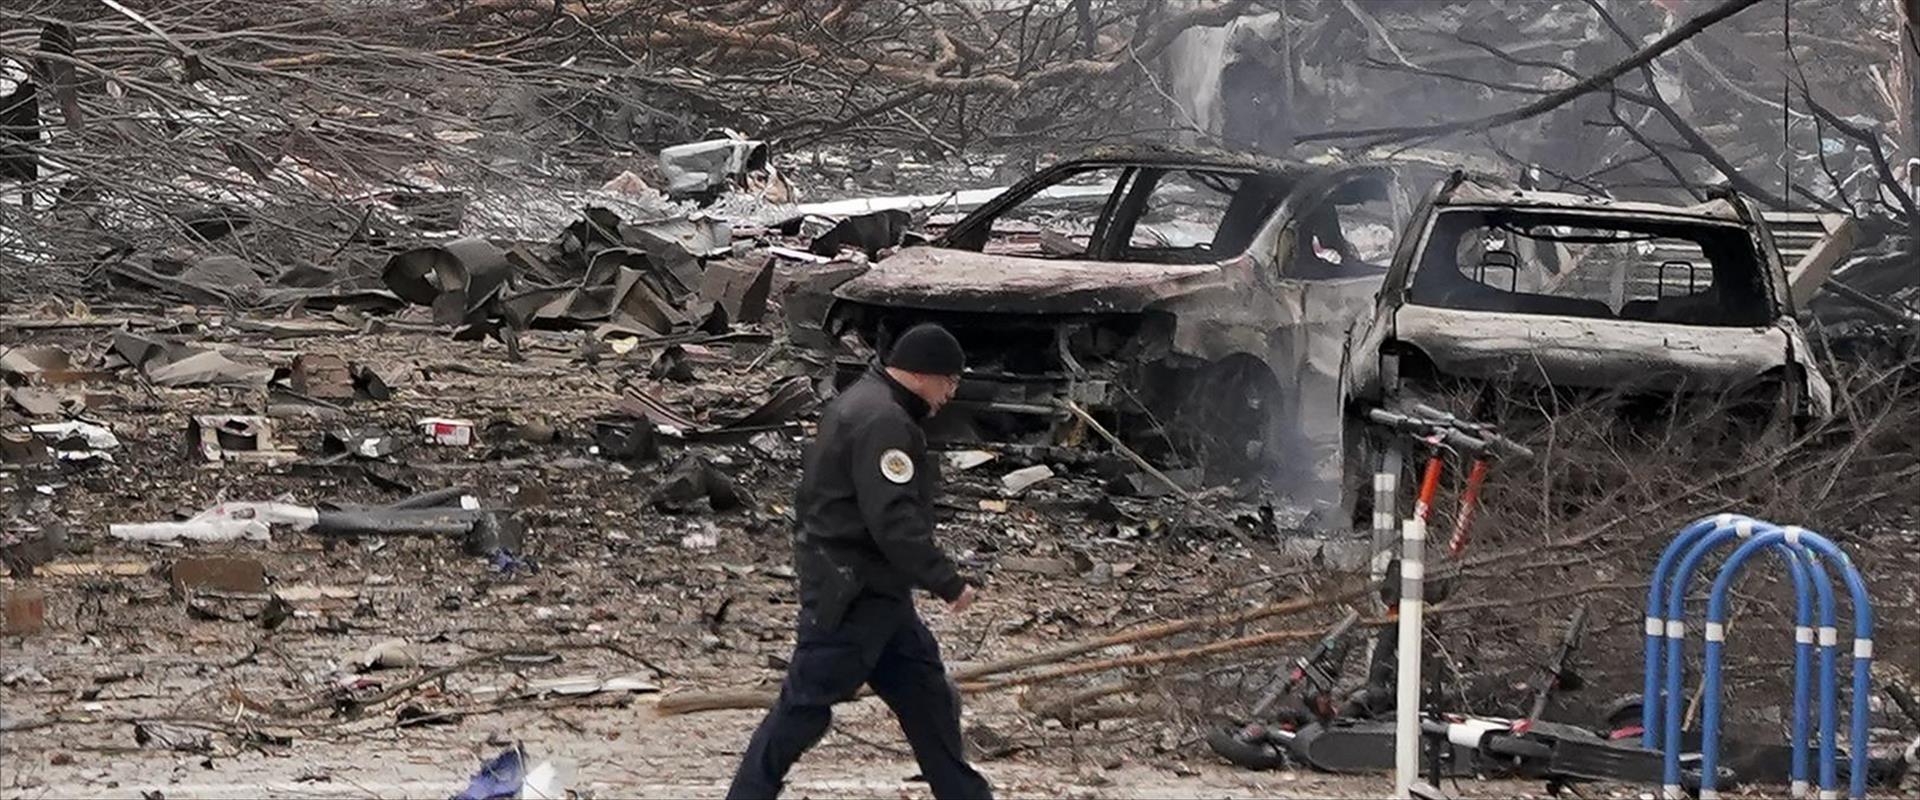 ההרס לאחר הפיצוץ